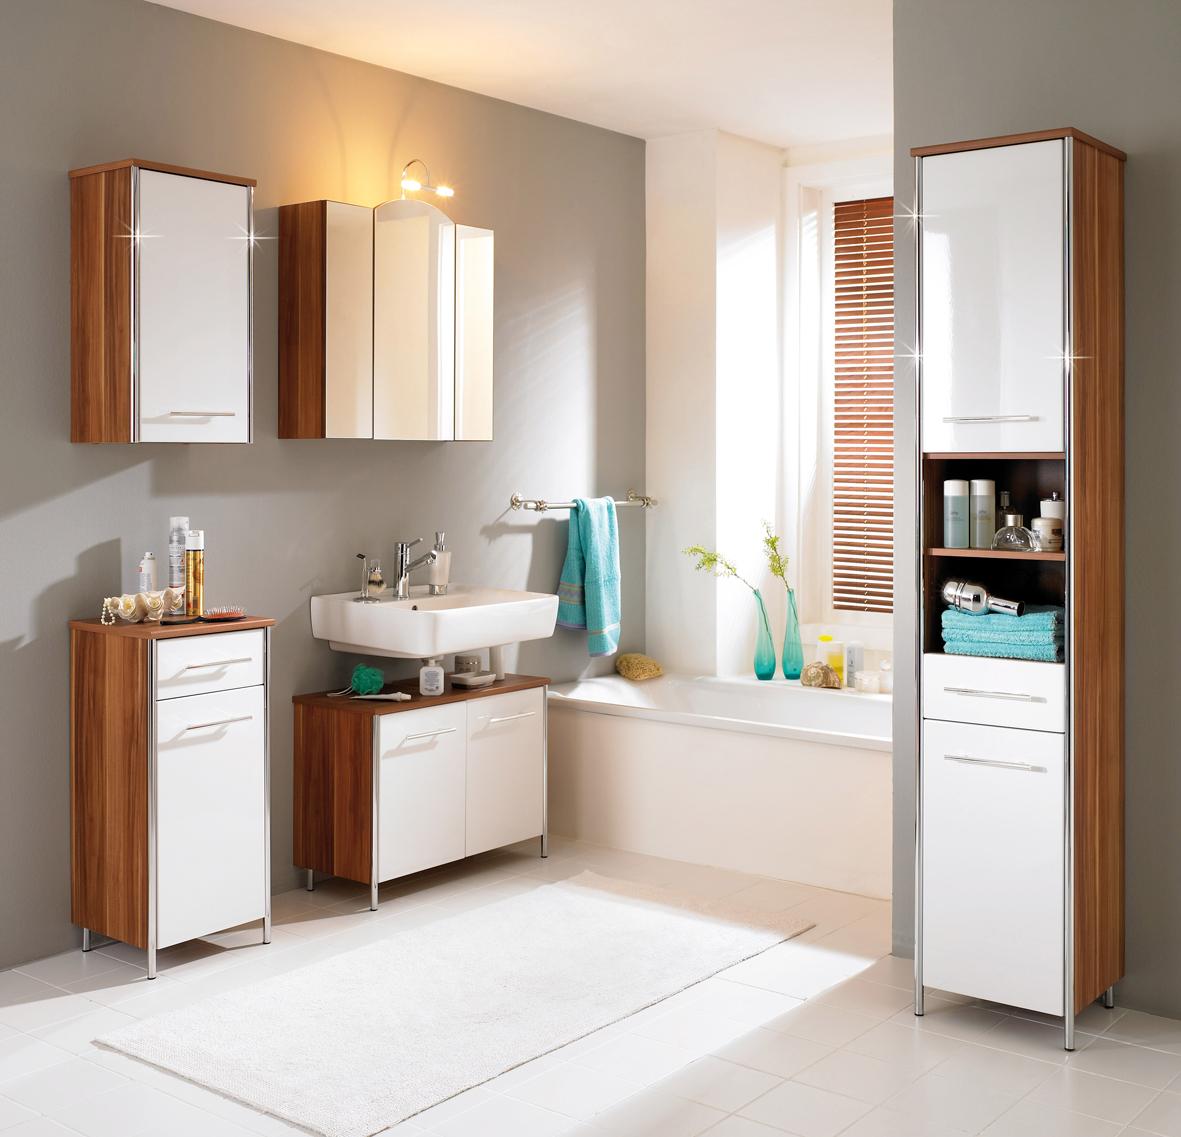 Bathroom Vanity Ideas Bathroom Vanity Design